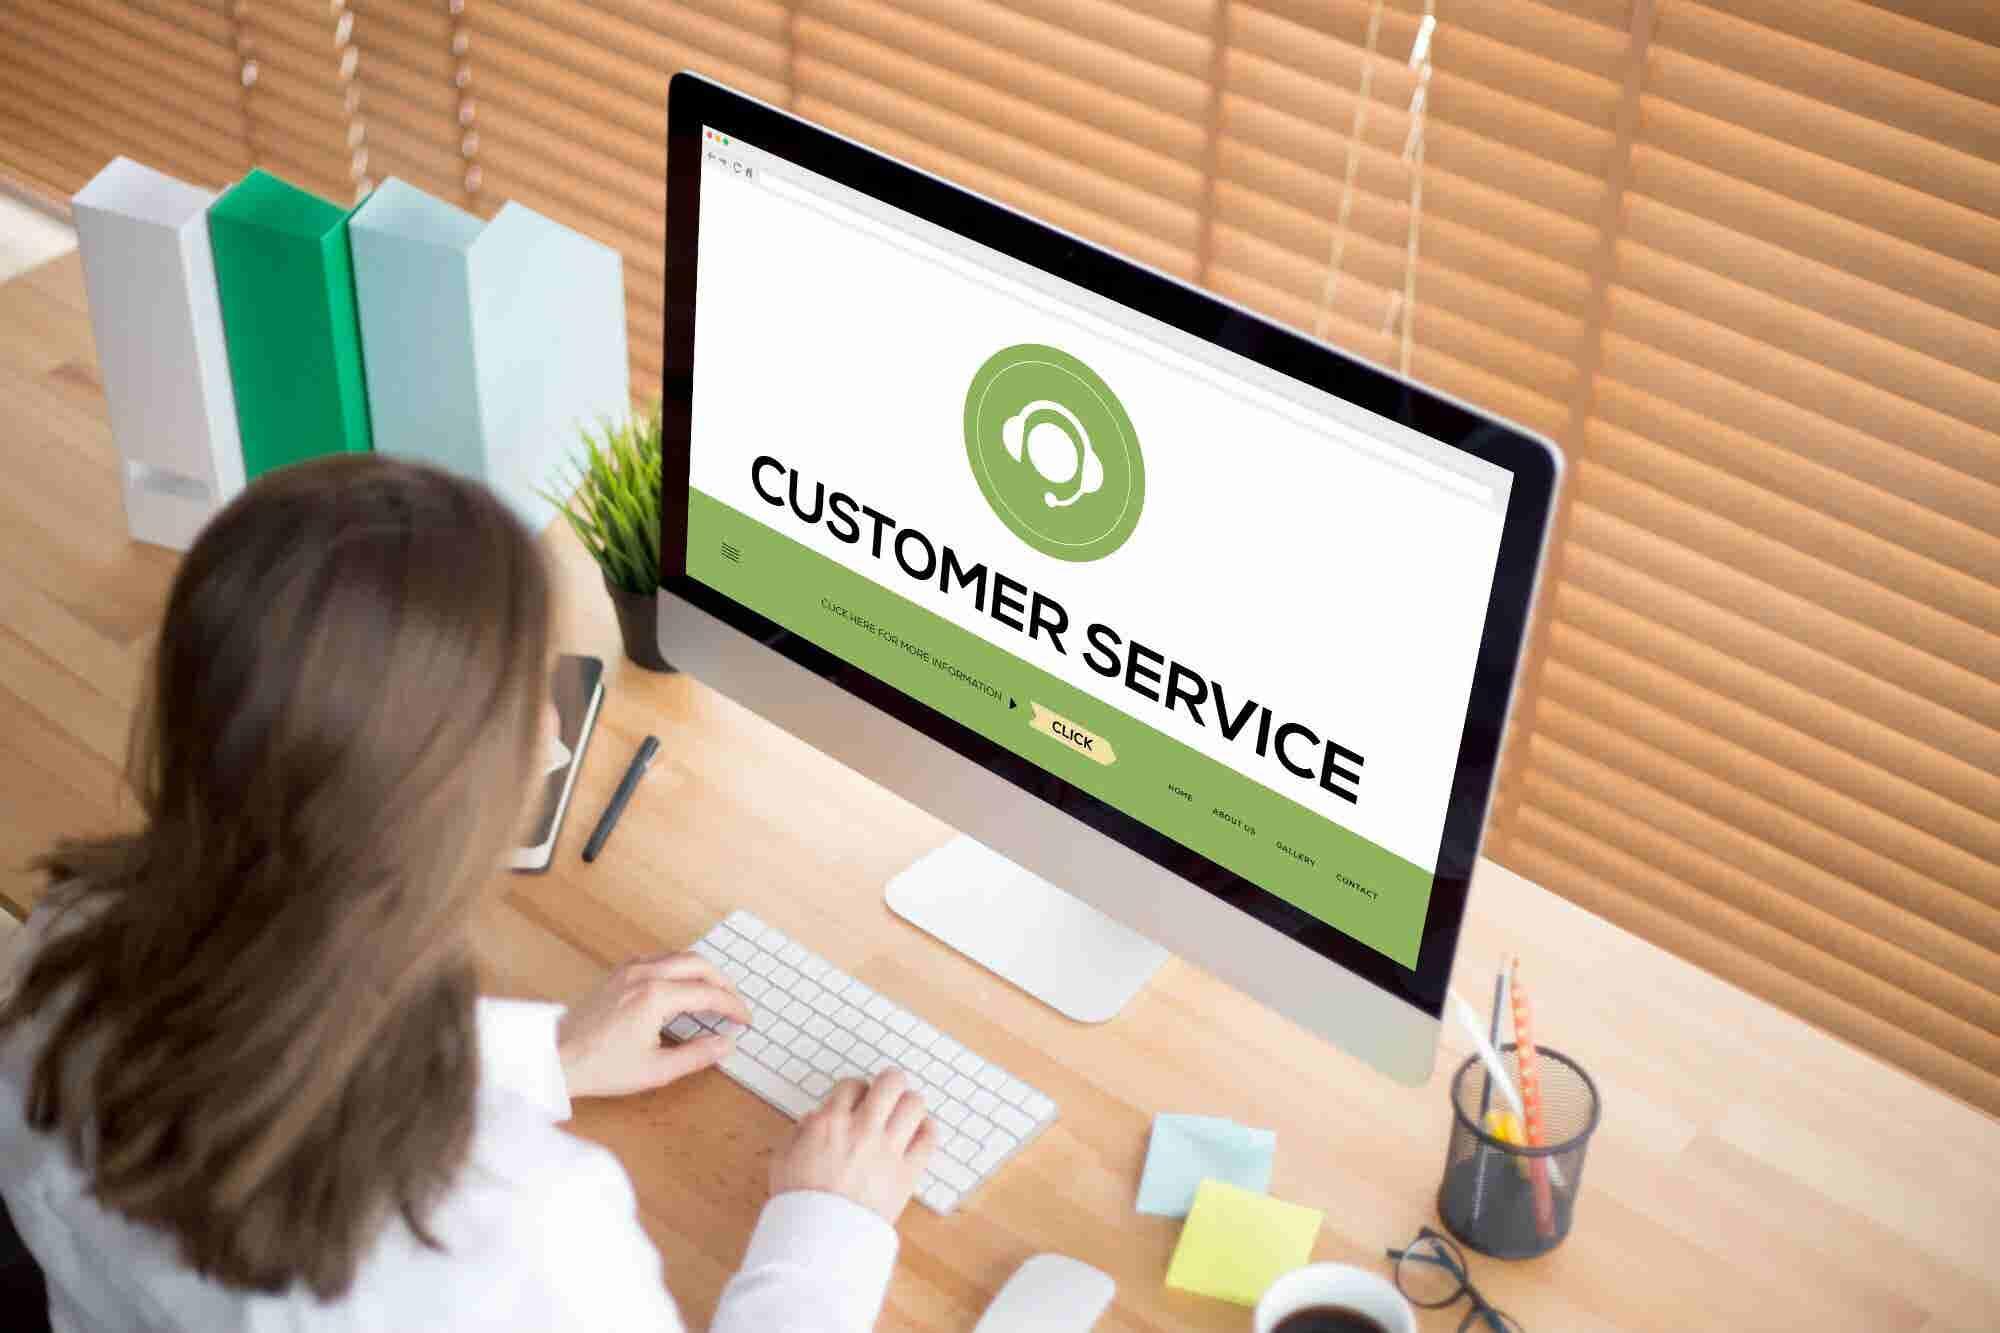 La importancia del servicio al cliente, dentro y fuera de una pantalla